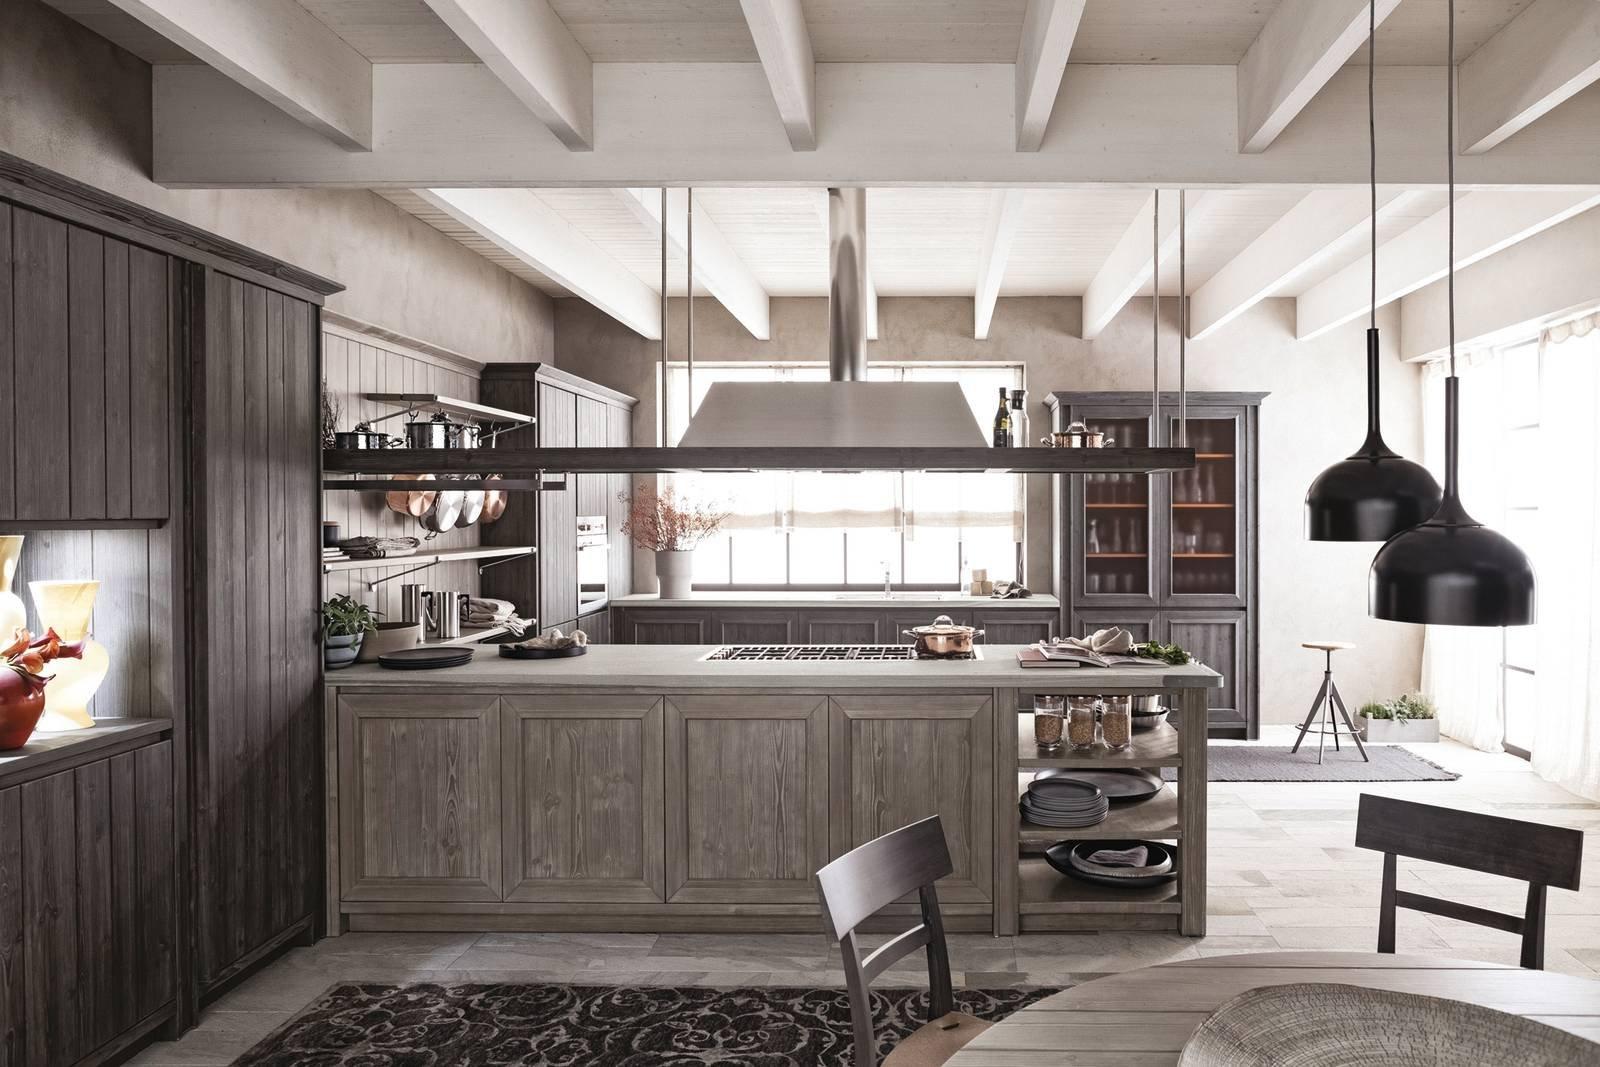 Cucina Maestrale Scandola Prezzo - Home Design E Interior Ideas ...